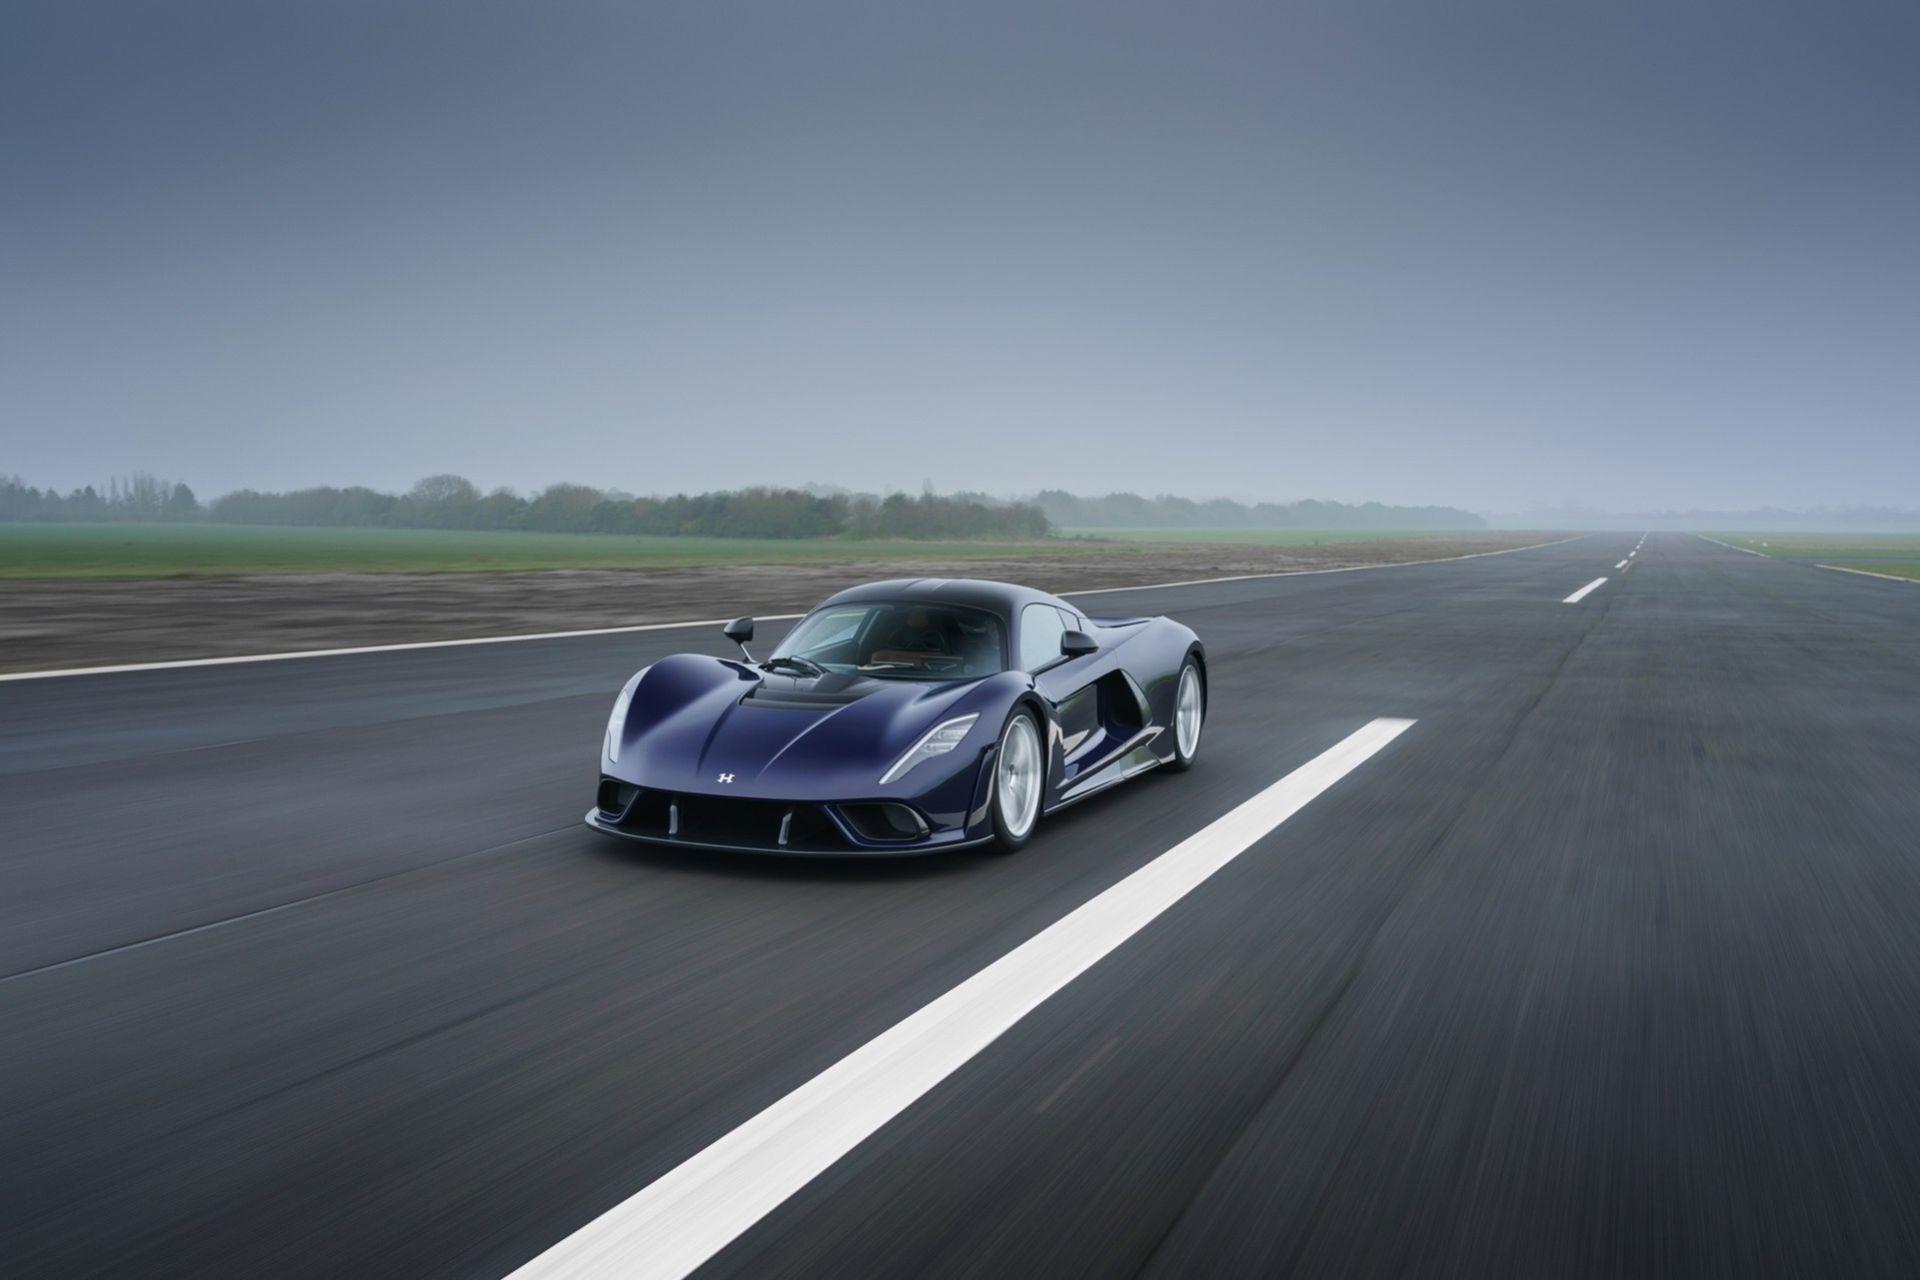 Nu är den här - Hennessey Venom F5